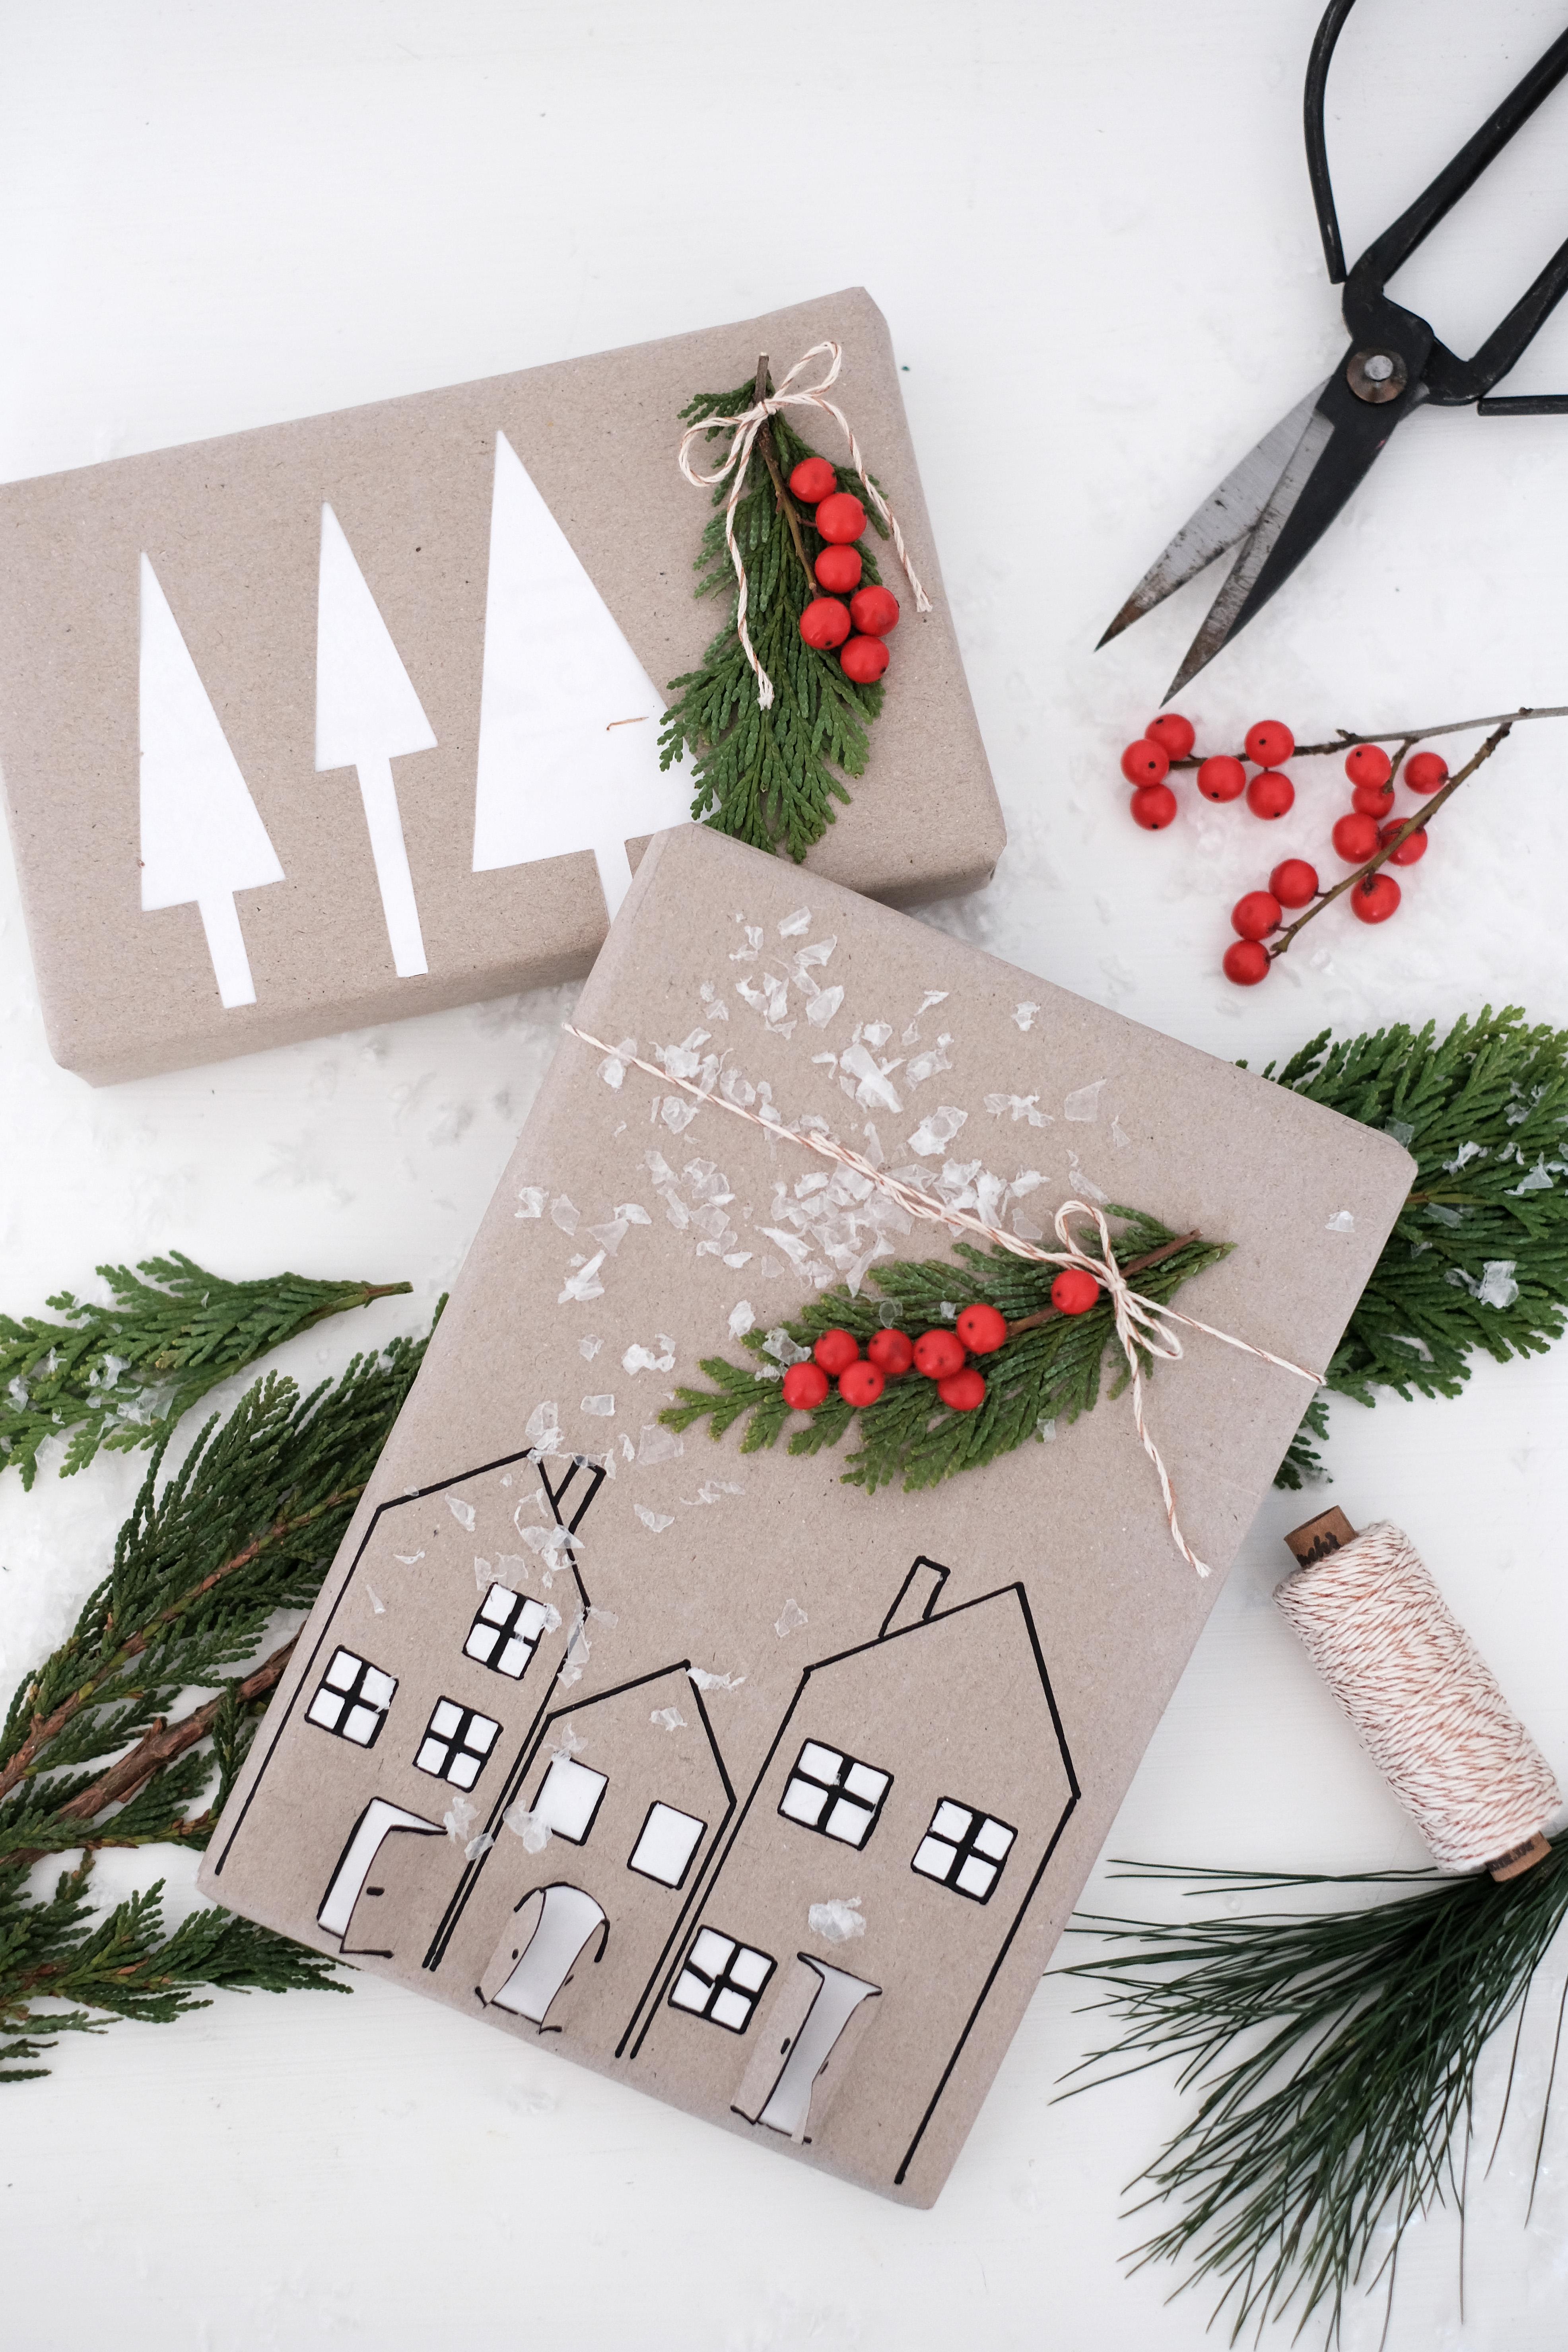 DIY Anleitung: verwende Verpackungsreste um daraus eine schöne Geschenkverpackung zu machen. Mit der Cut-Out Technik gelingt das garantiert! #diy #selbermachen #geschenkverpackung #weihnachten #upcycling #doityourself